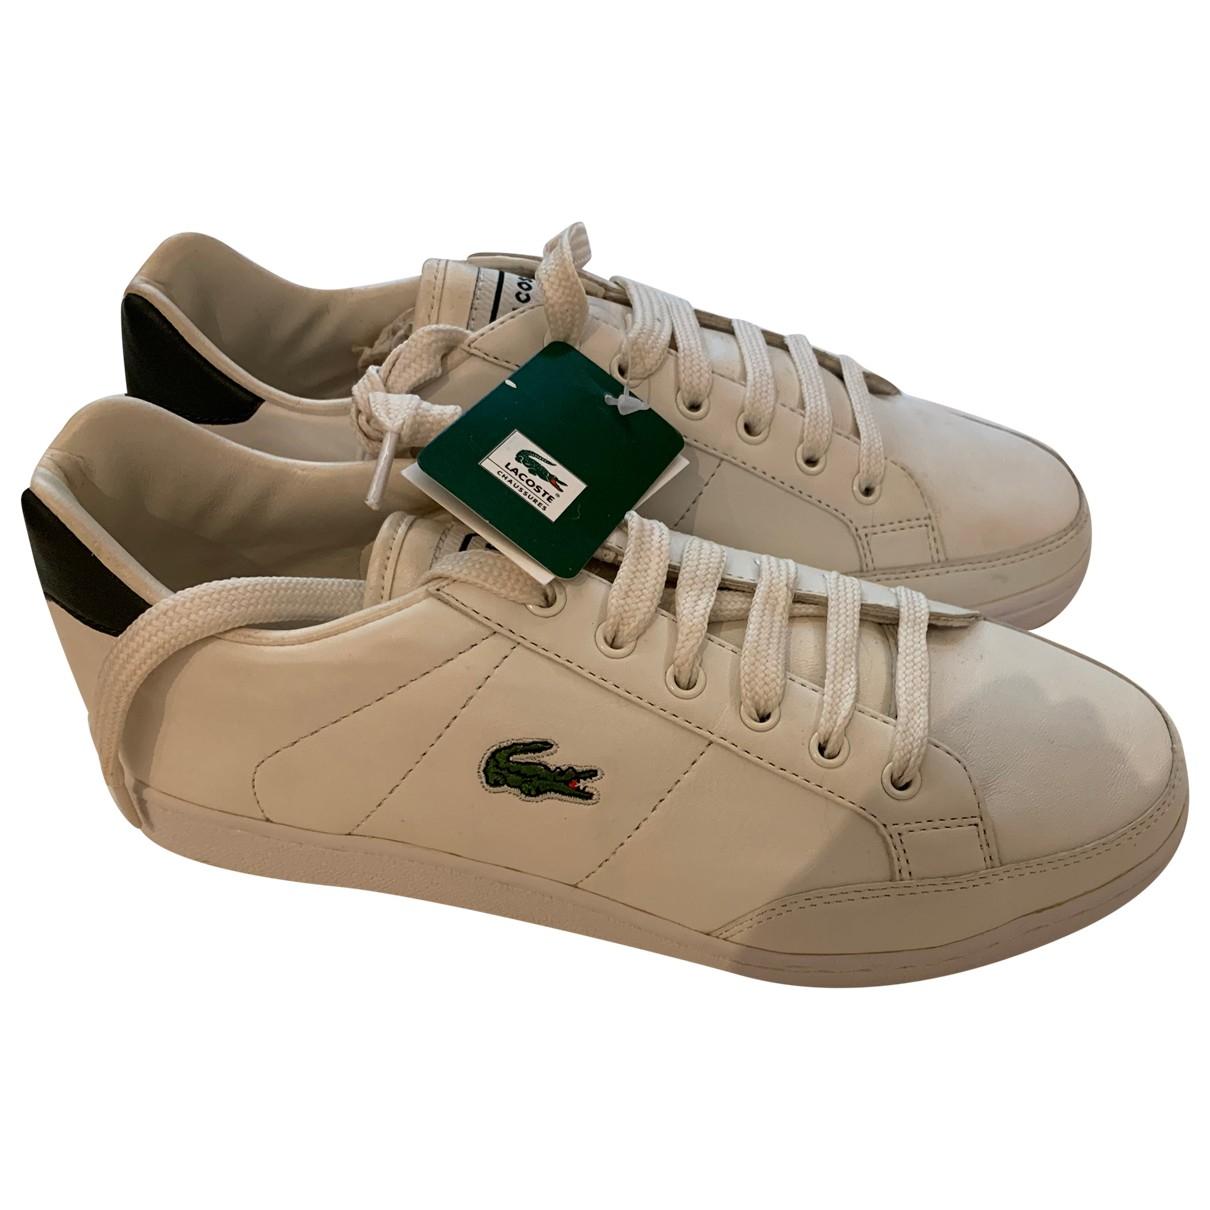 Lacoste - Baskets   pour homme en cuir - blanc